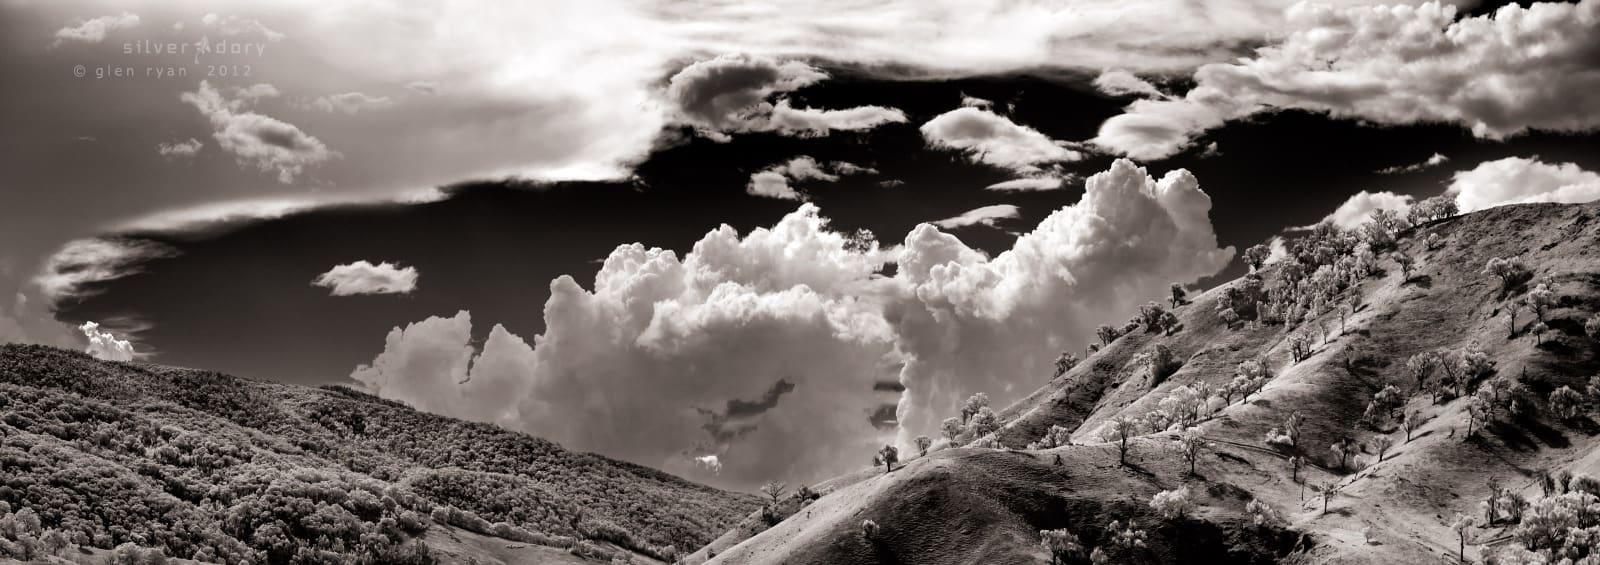 sawyers gully road 2012